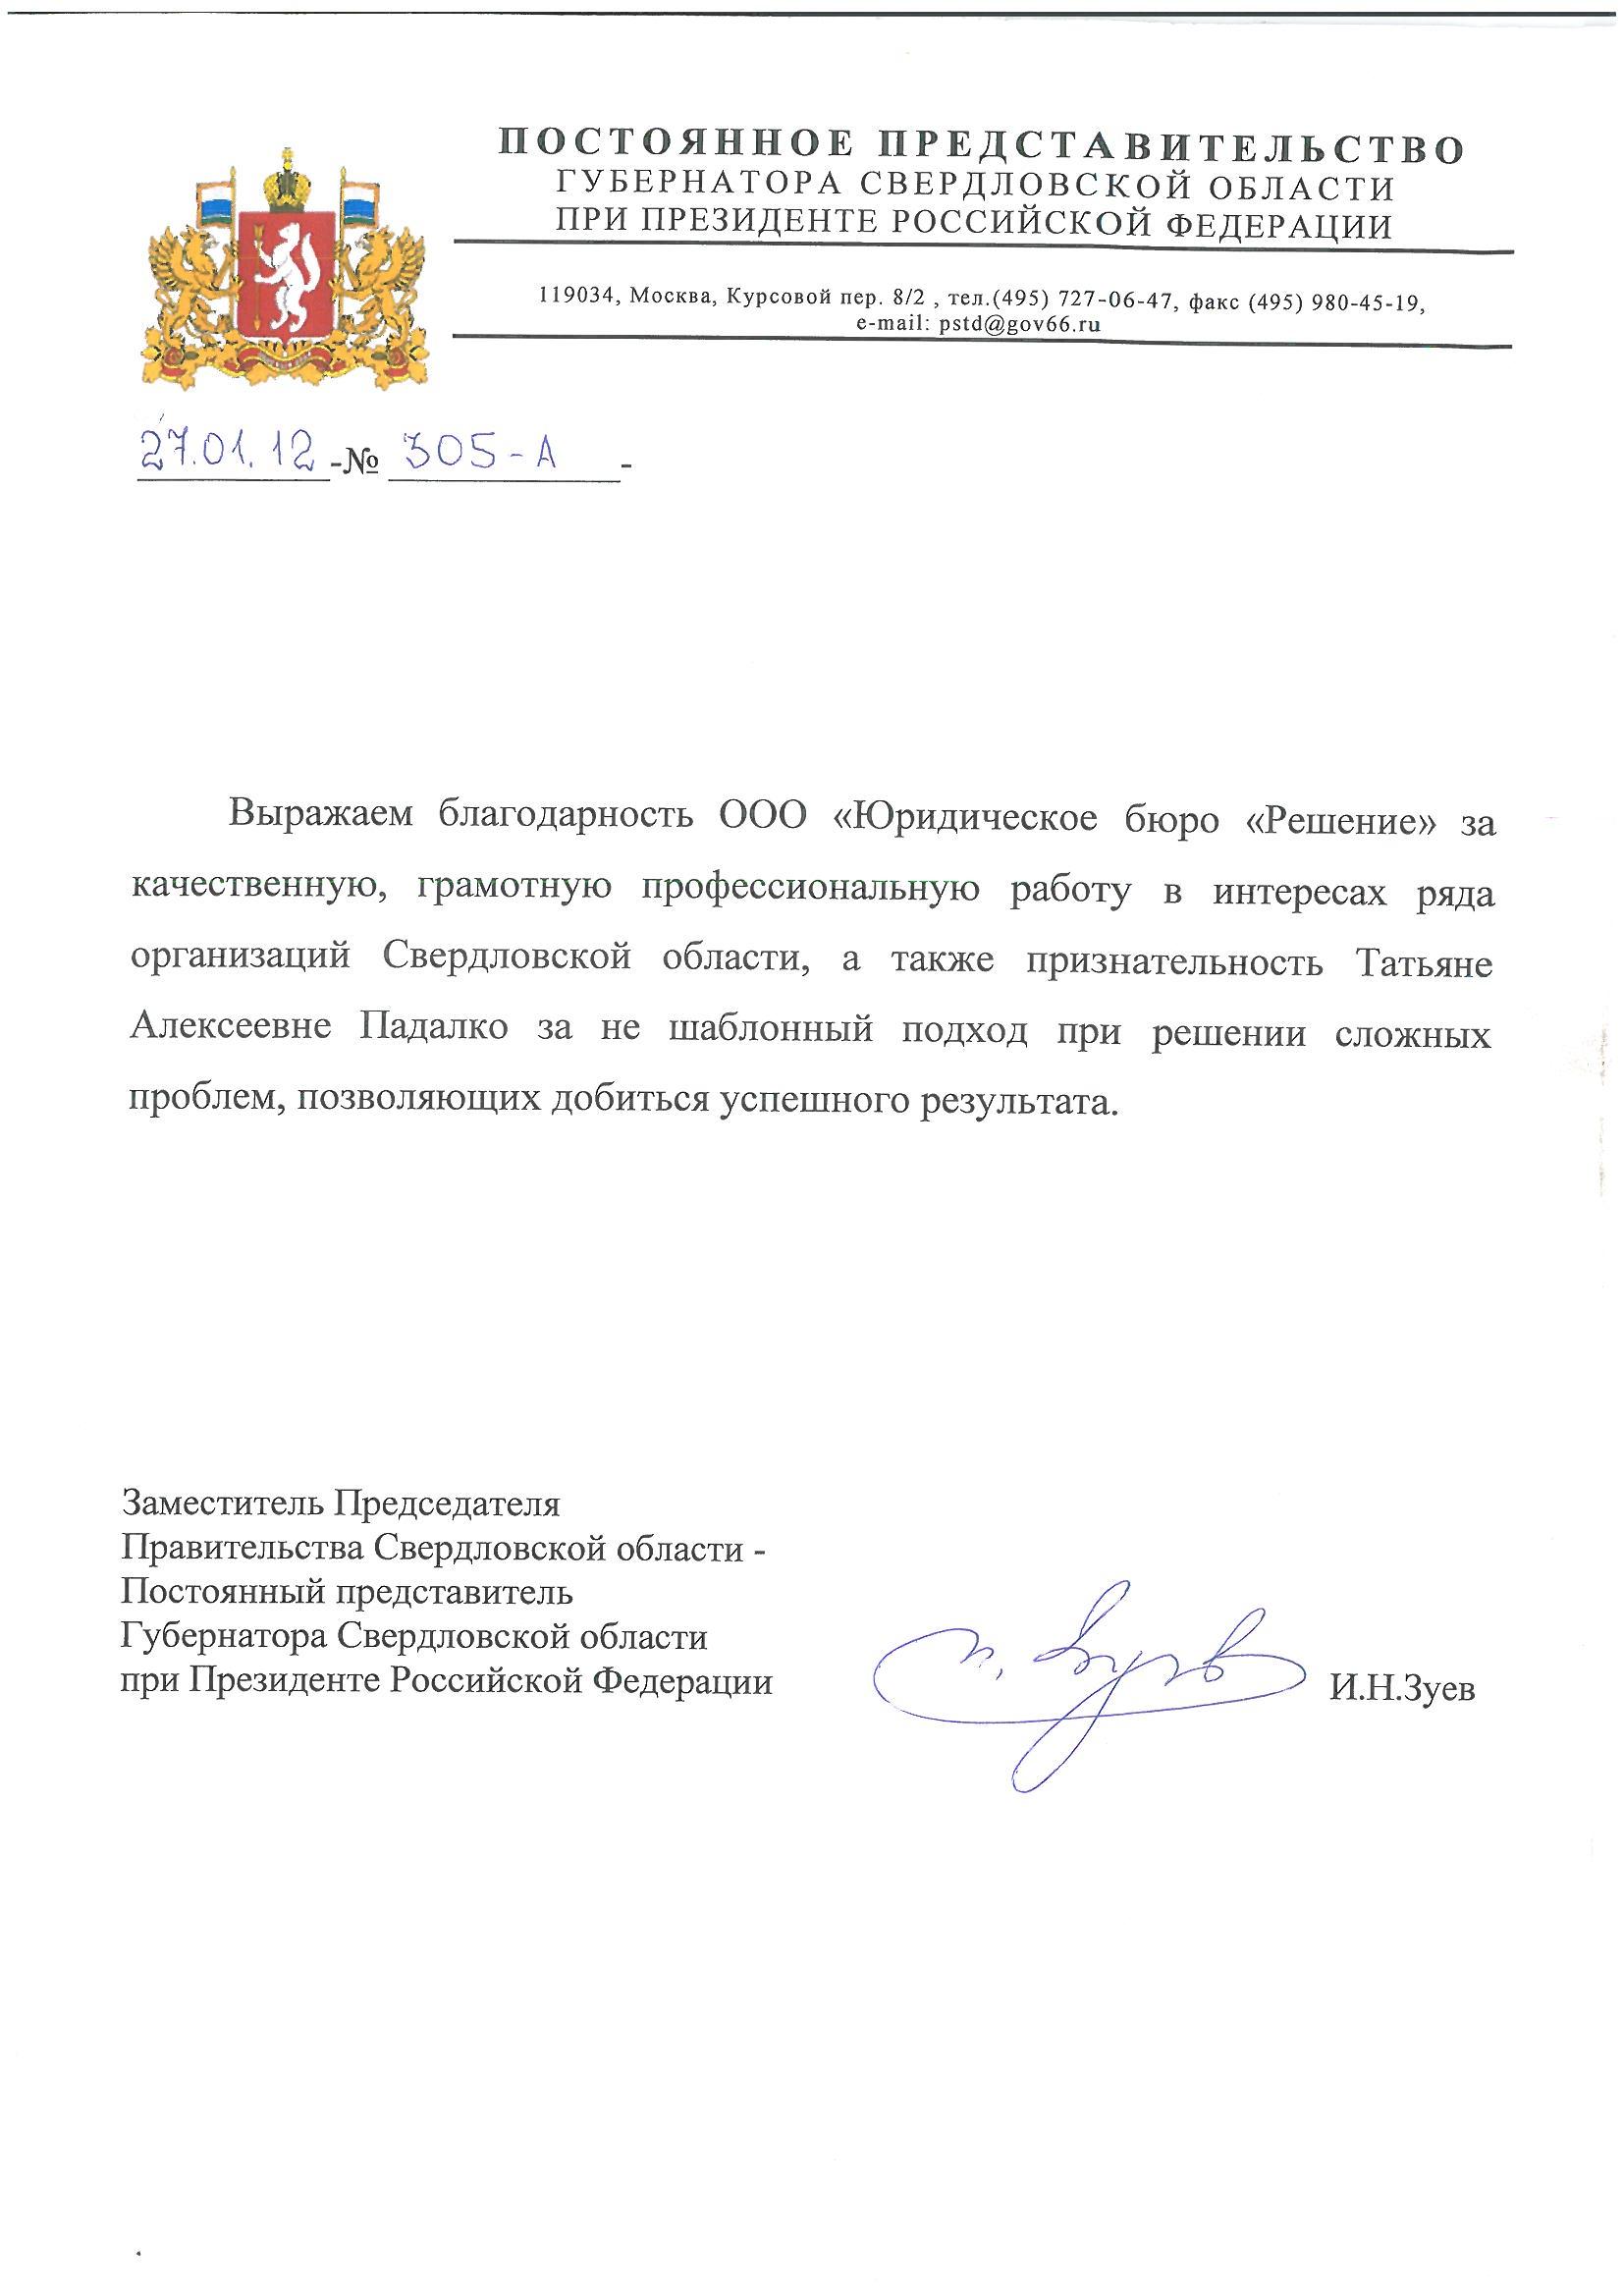 Постоянное Представительство губернатора Сверловкой обл. при президенте РФ